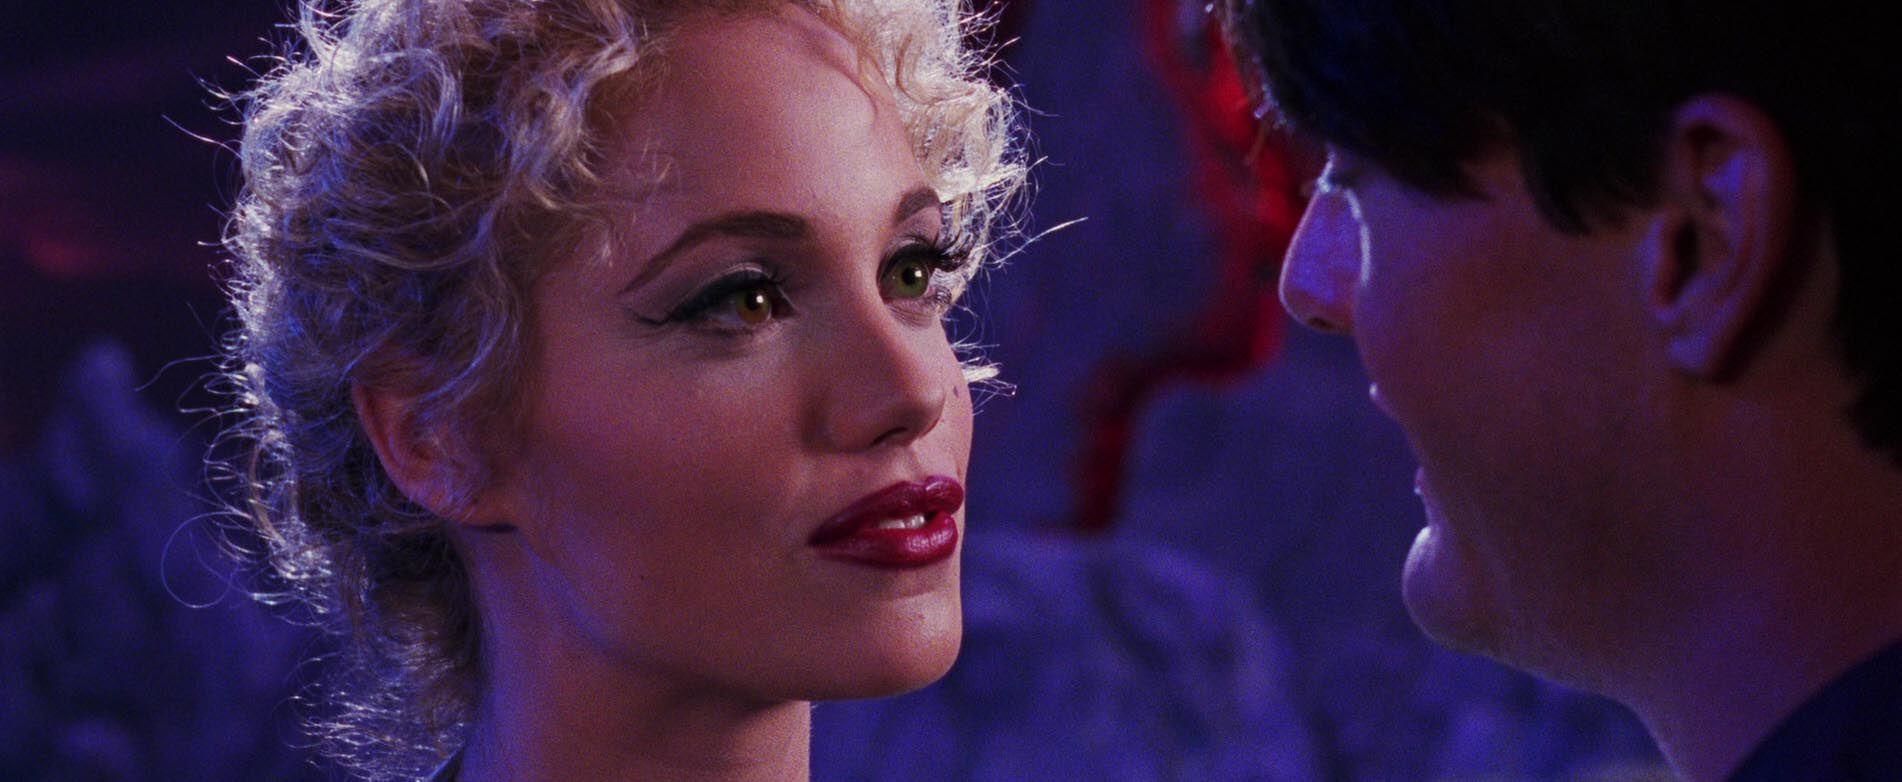 Showgirls (1995) | 90s movies, Movie blog, Showgirls